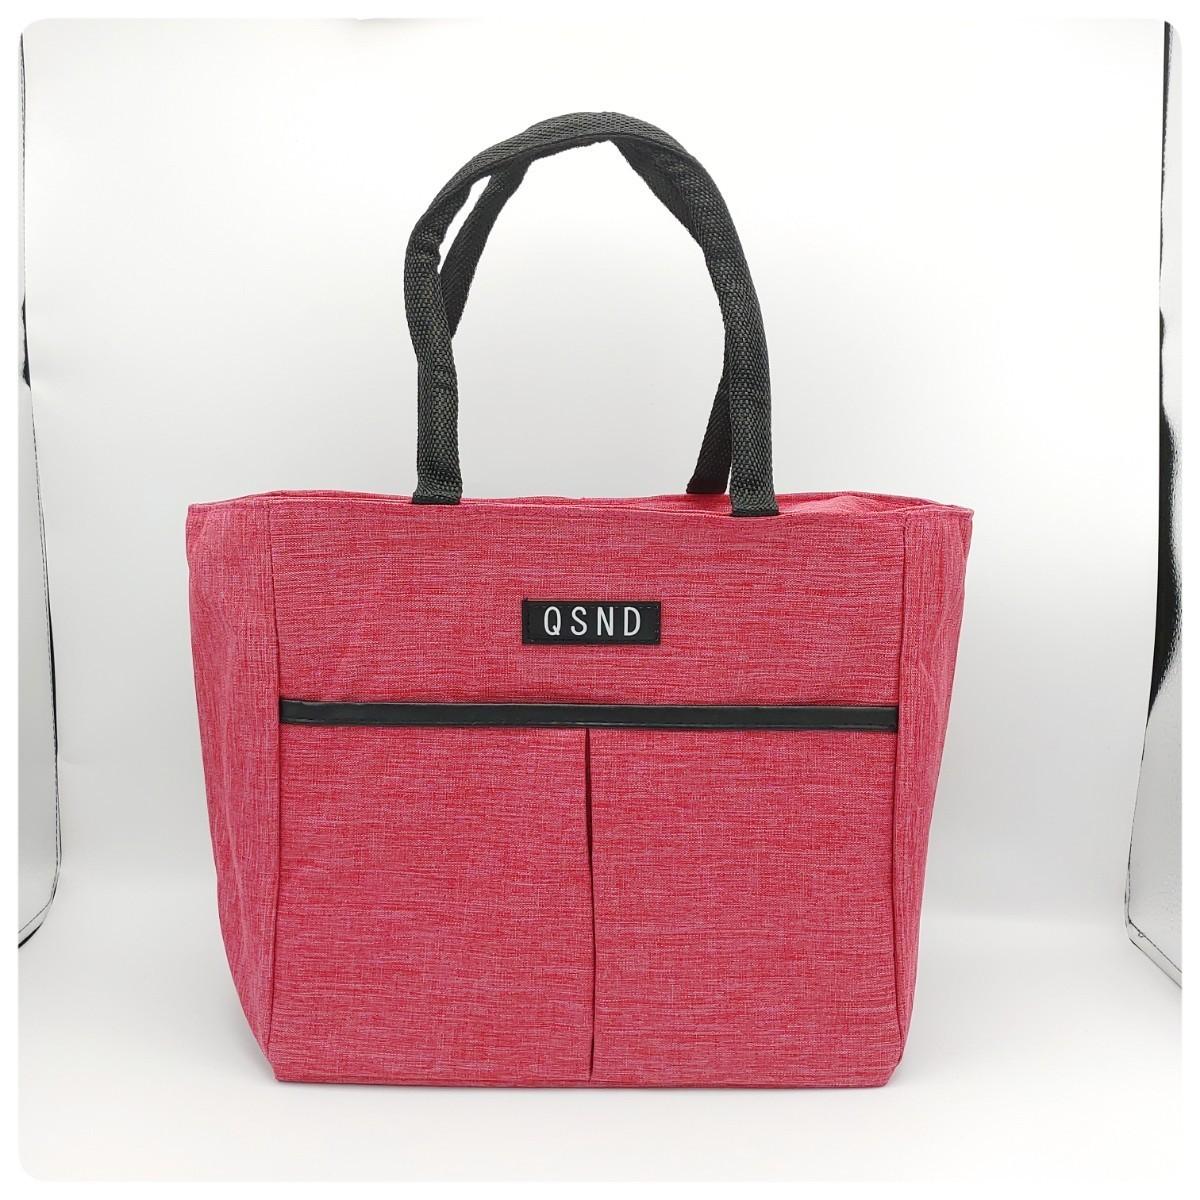 保冷機能付き エコバッグ  トートバッグ ランチバッグ ファスナー付き ピンク